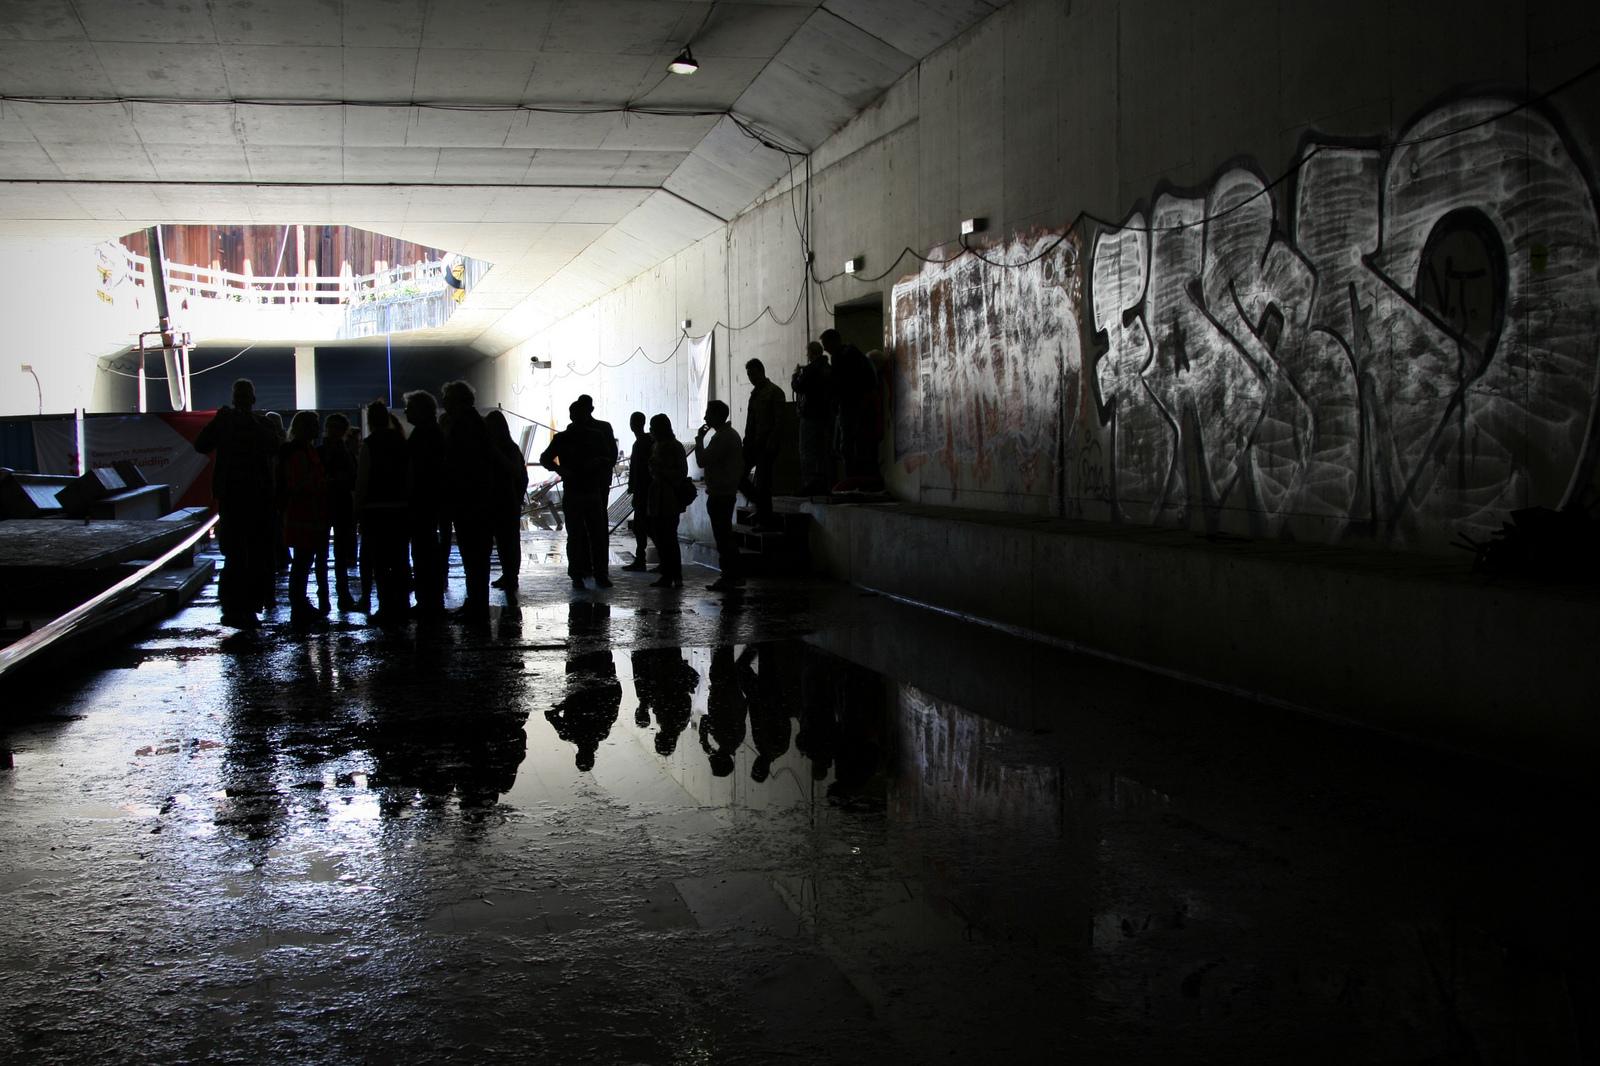 Экскурсии по туннелям строящегося метро